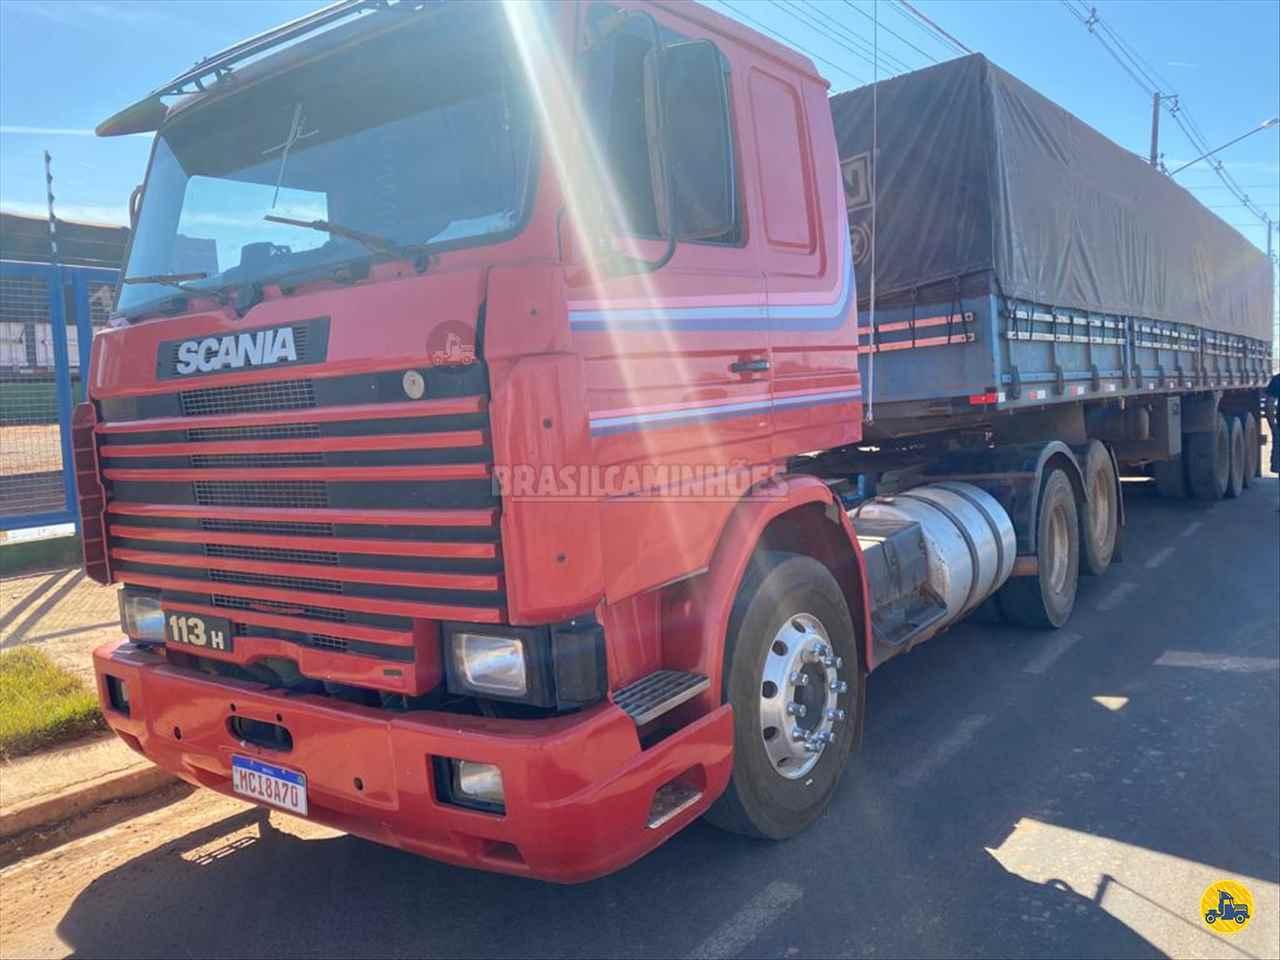 CAMINHAO SCANIA SCANIA 113 360 Cavalo Mecânico Truck 6x2 Brasil Caminhões Sinop SINOP MATO GROSSO MT